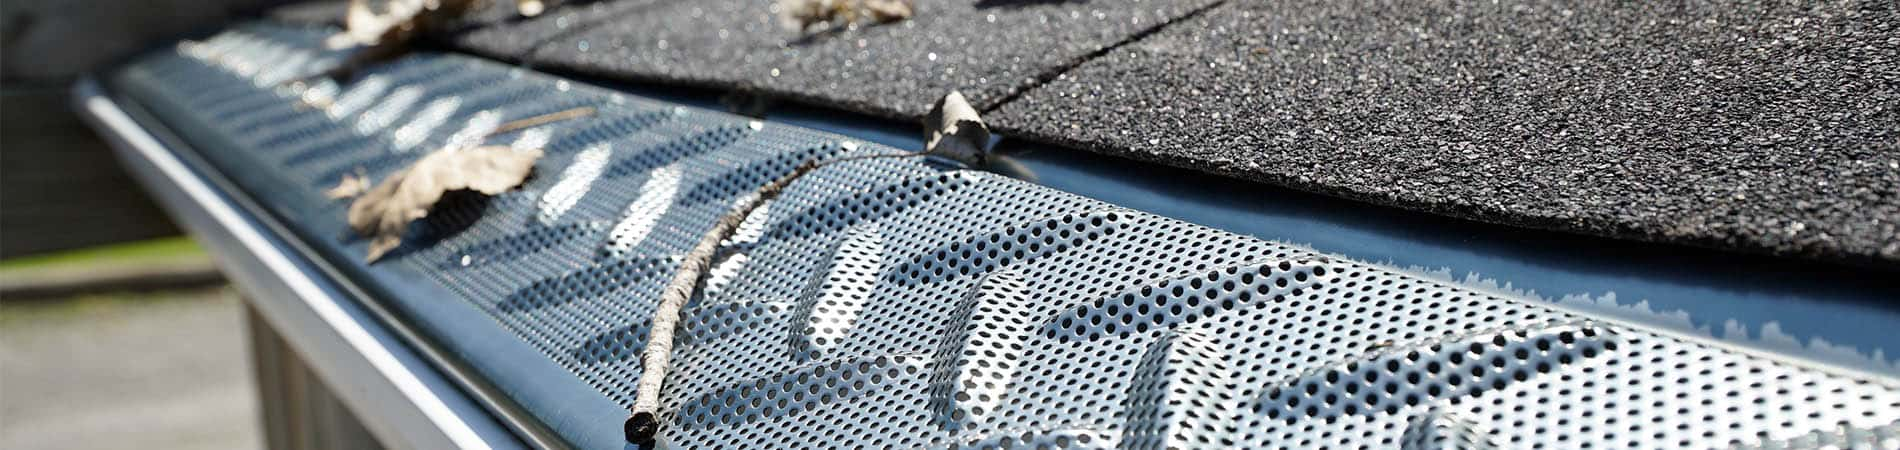 Tek-Mesh on gutters